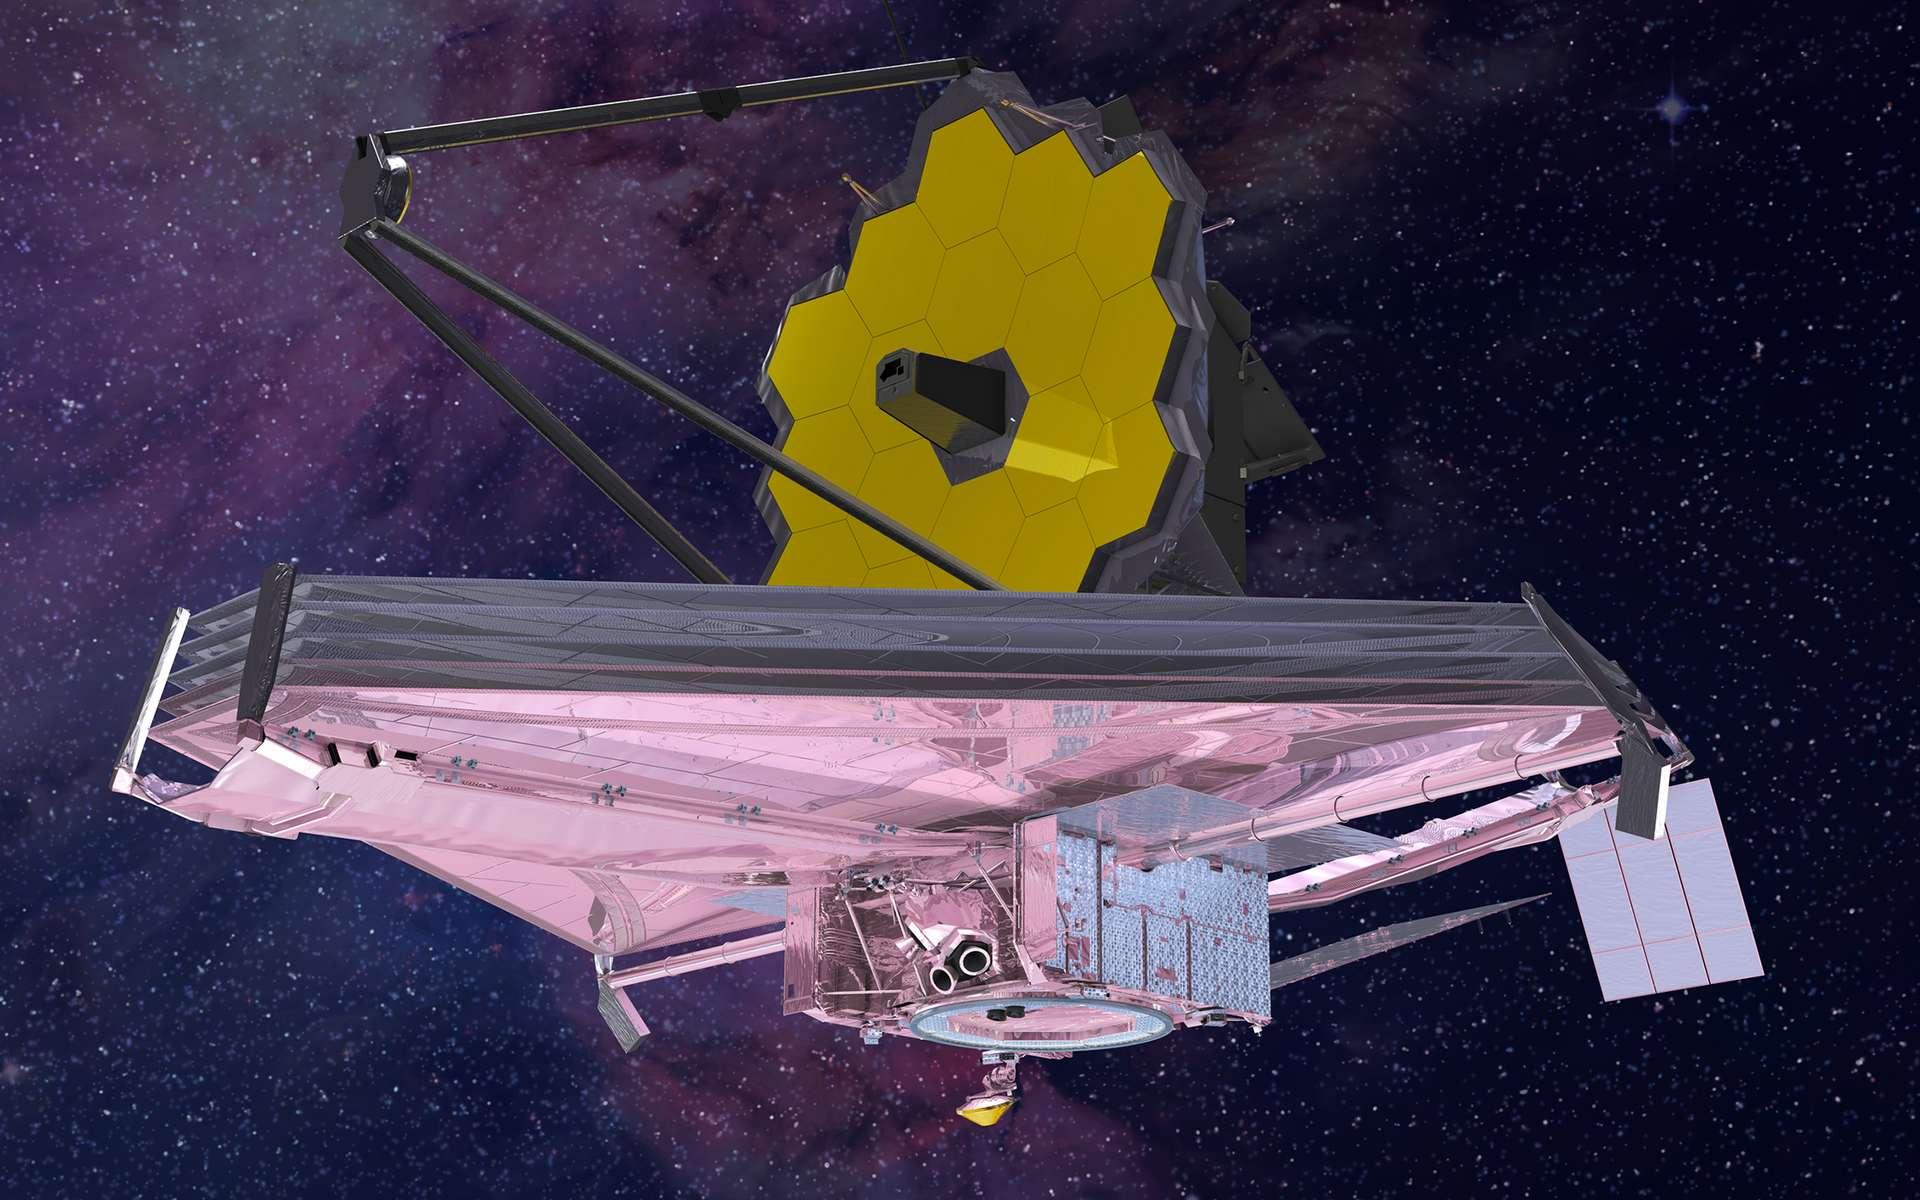 L'observatoire spatial James-Webb (JWST) en orbite avec son miroir et son bouclier thermique déployés. © Northrop Grumman